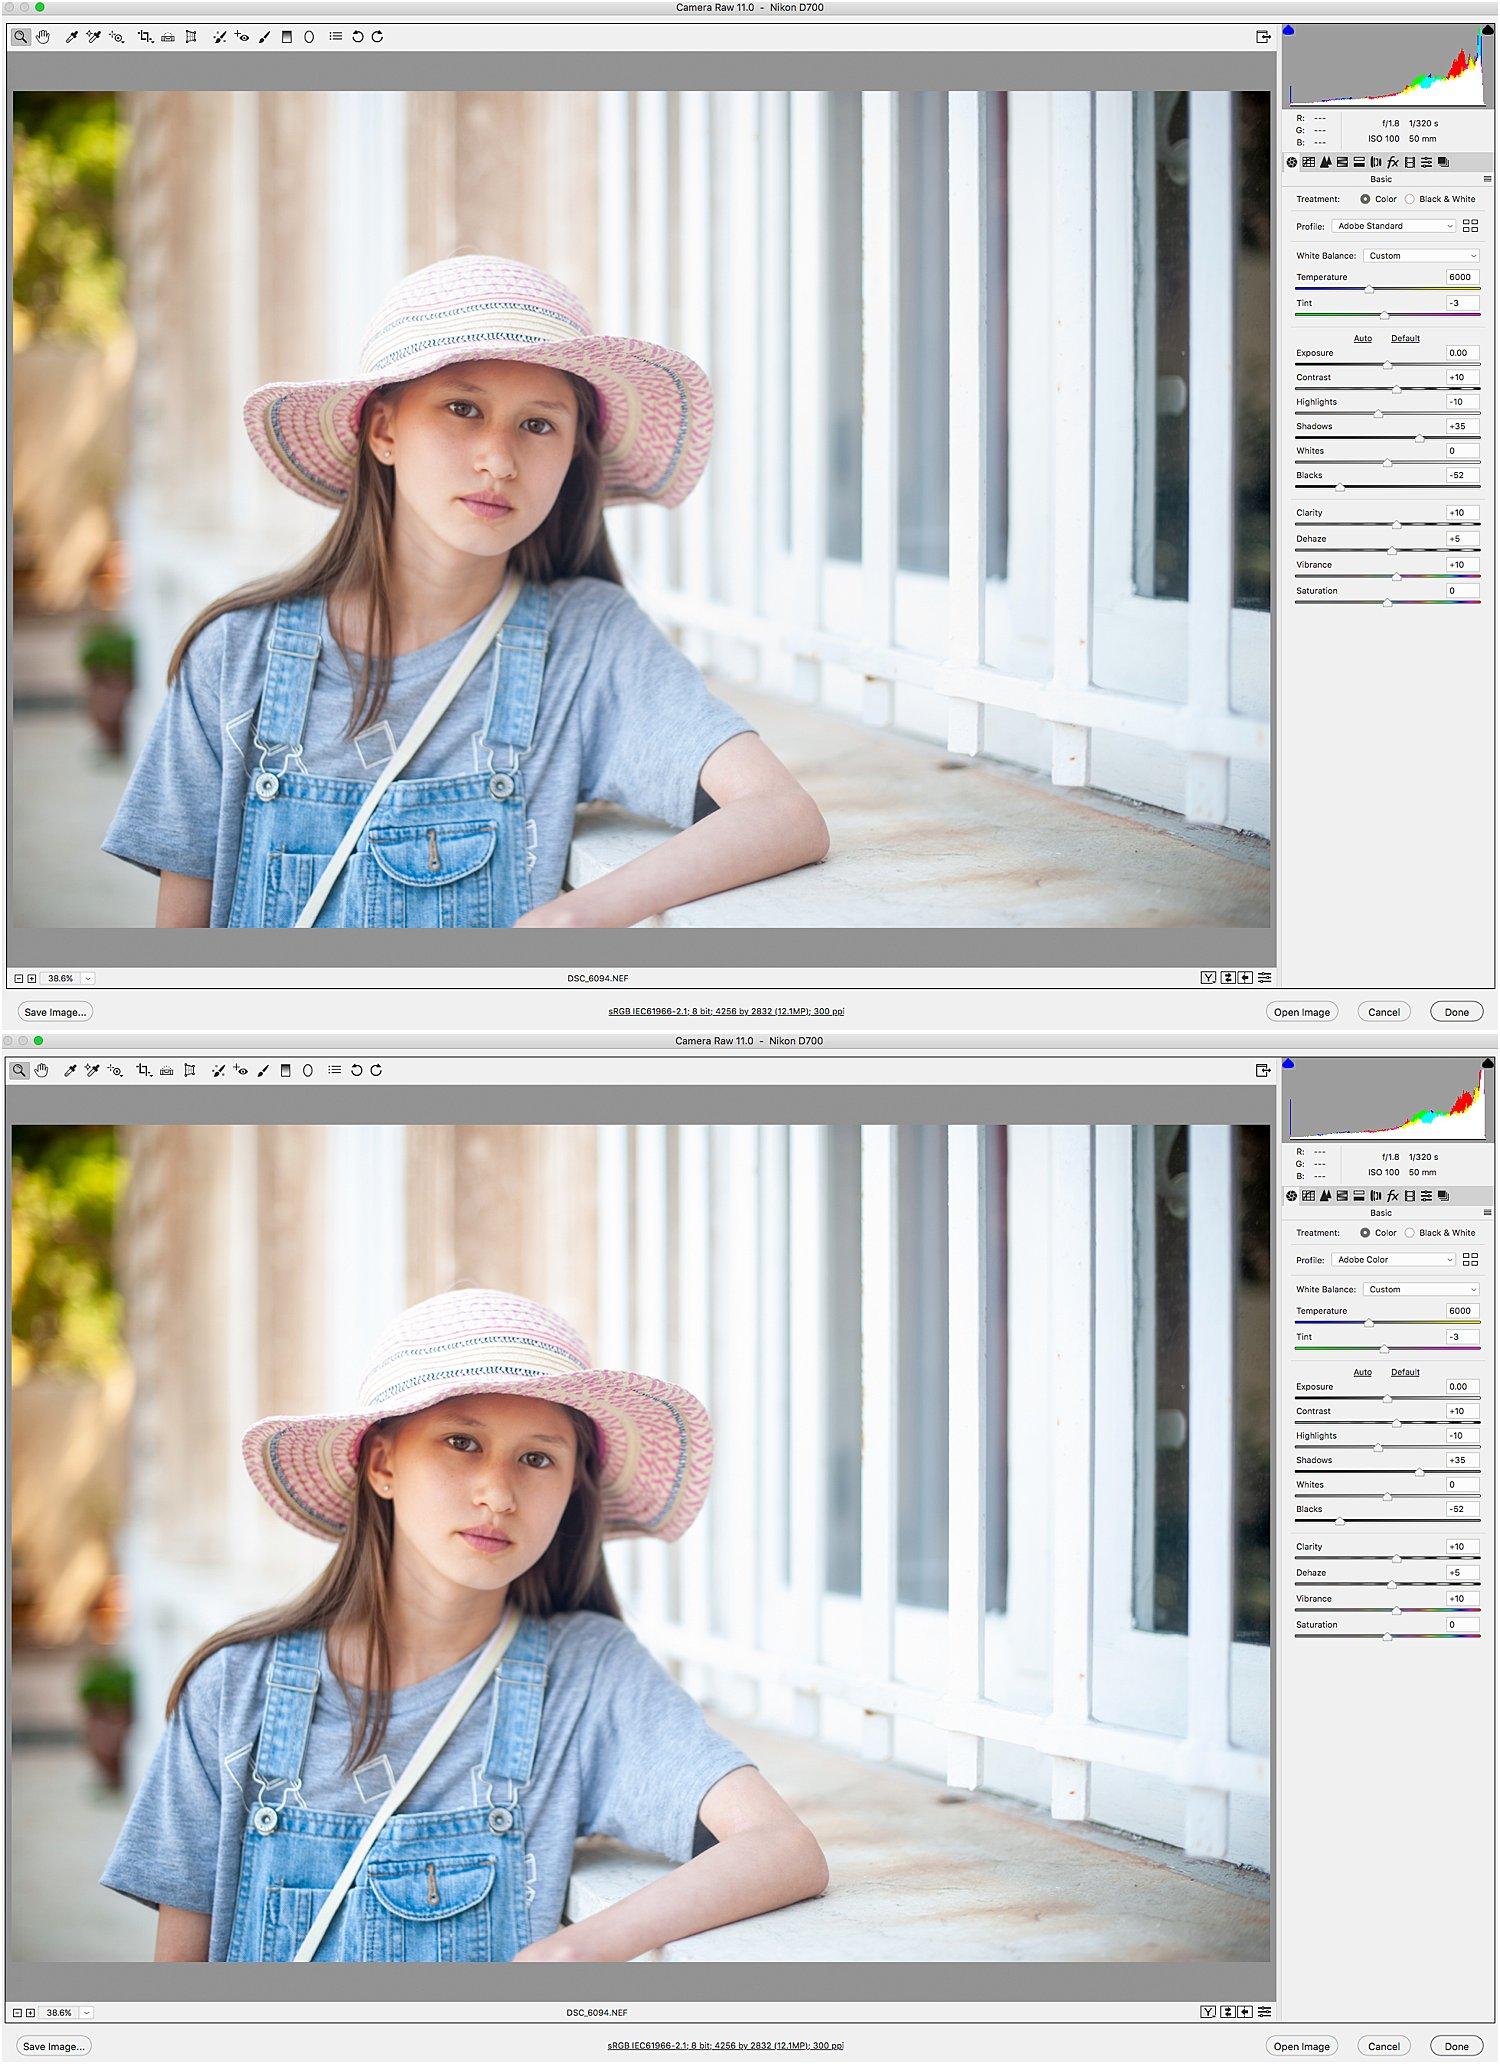 dps-basic-editing-tutorial-finish